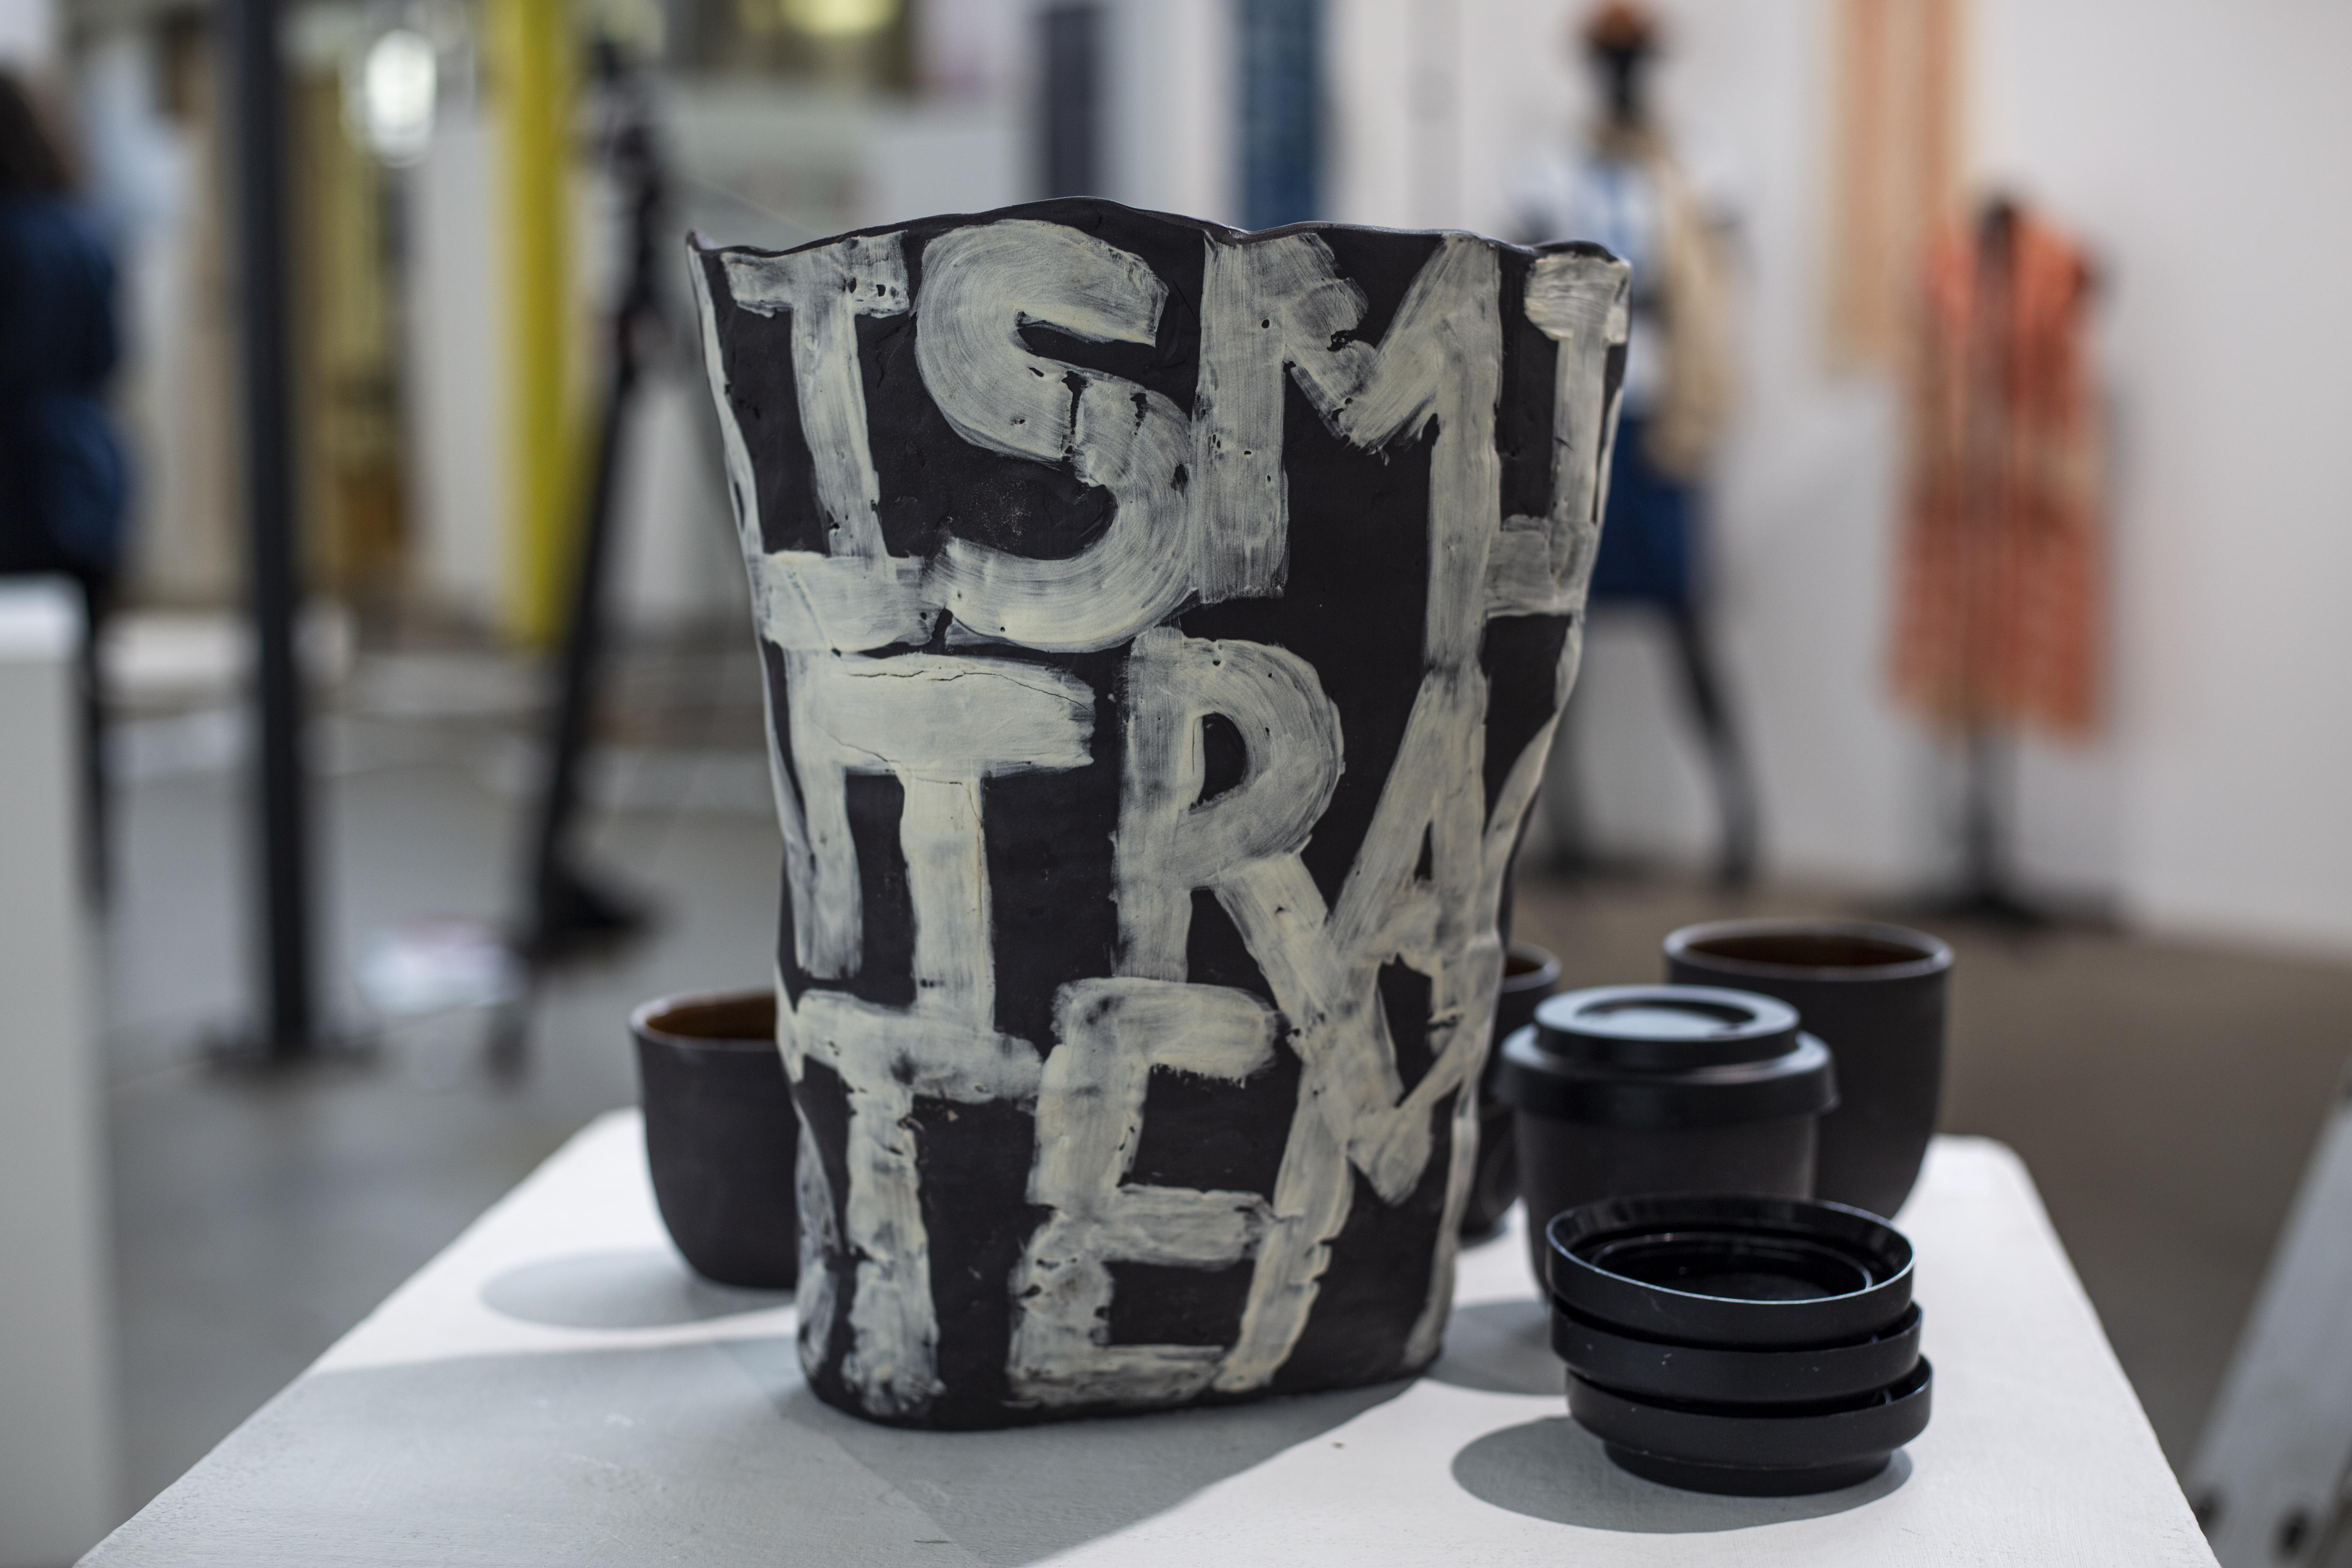 Capitalism (vase) by Kara Wood